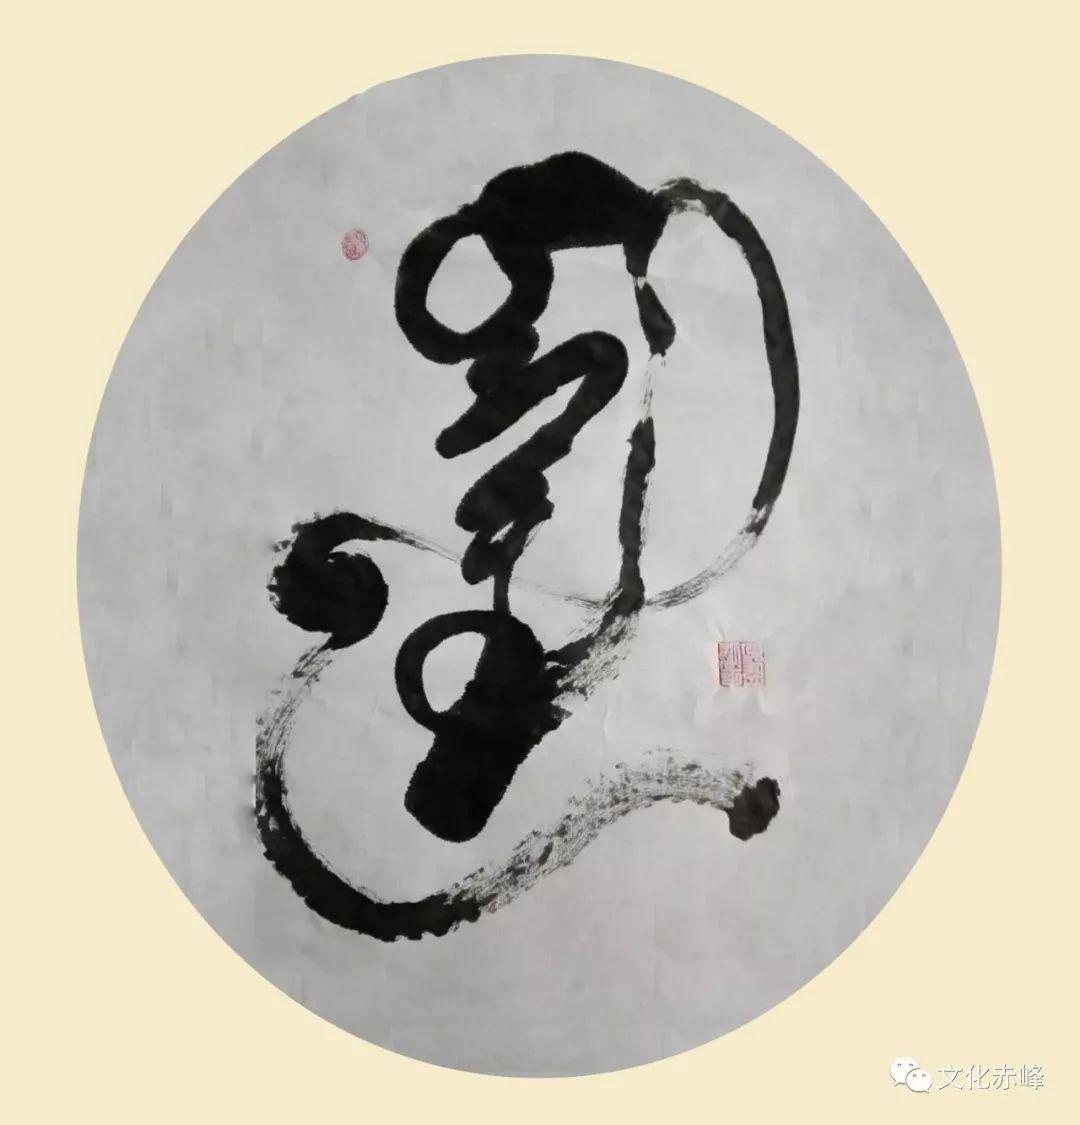 【文化赤峰】额尔敦巴图蒙古文书法作品欣赏! 第4张 【文化赤峰】额尔敦巴图蒙古文书法作品欣赏! 蒙古书法